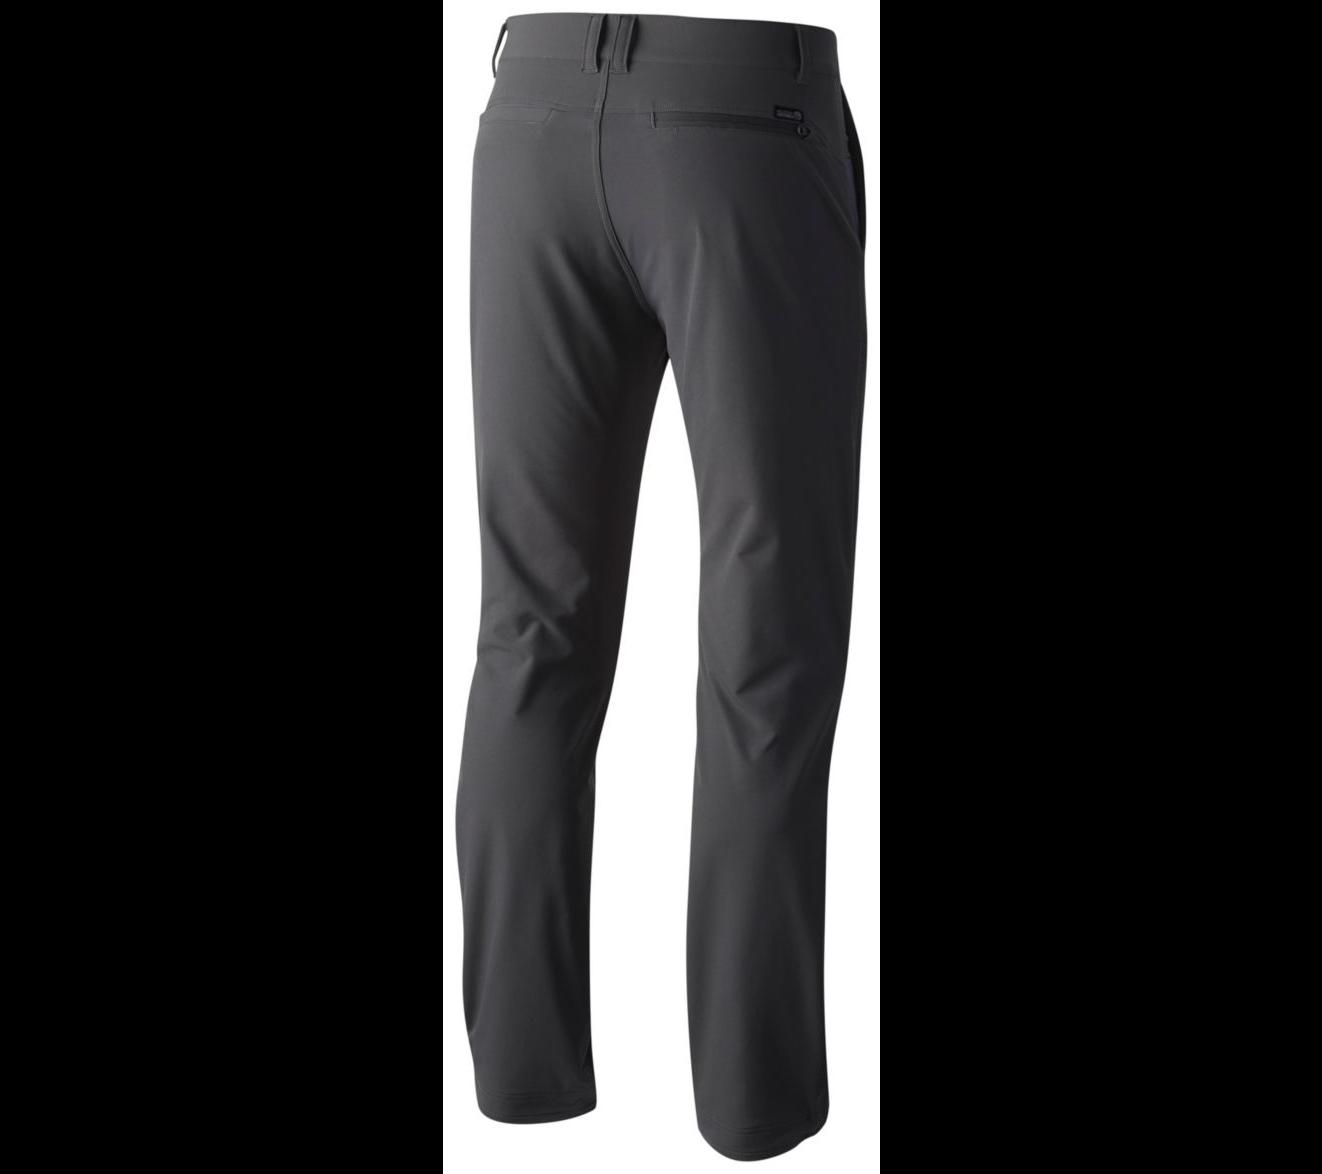 Mountain Hardwear Men's Chockstone 24/7 Hike Pants